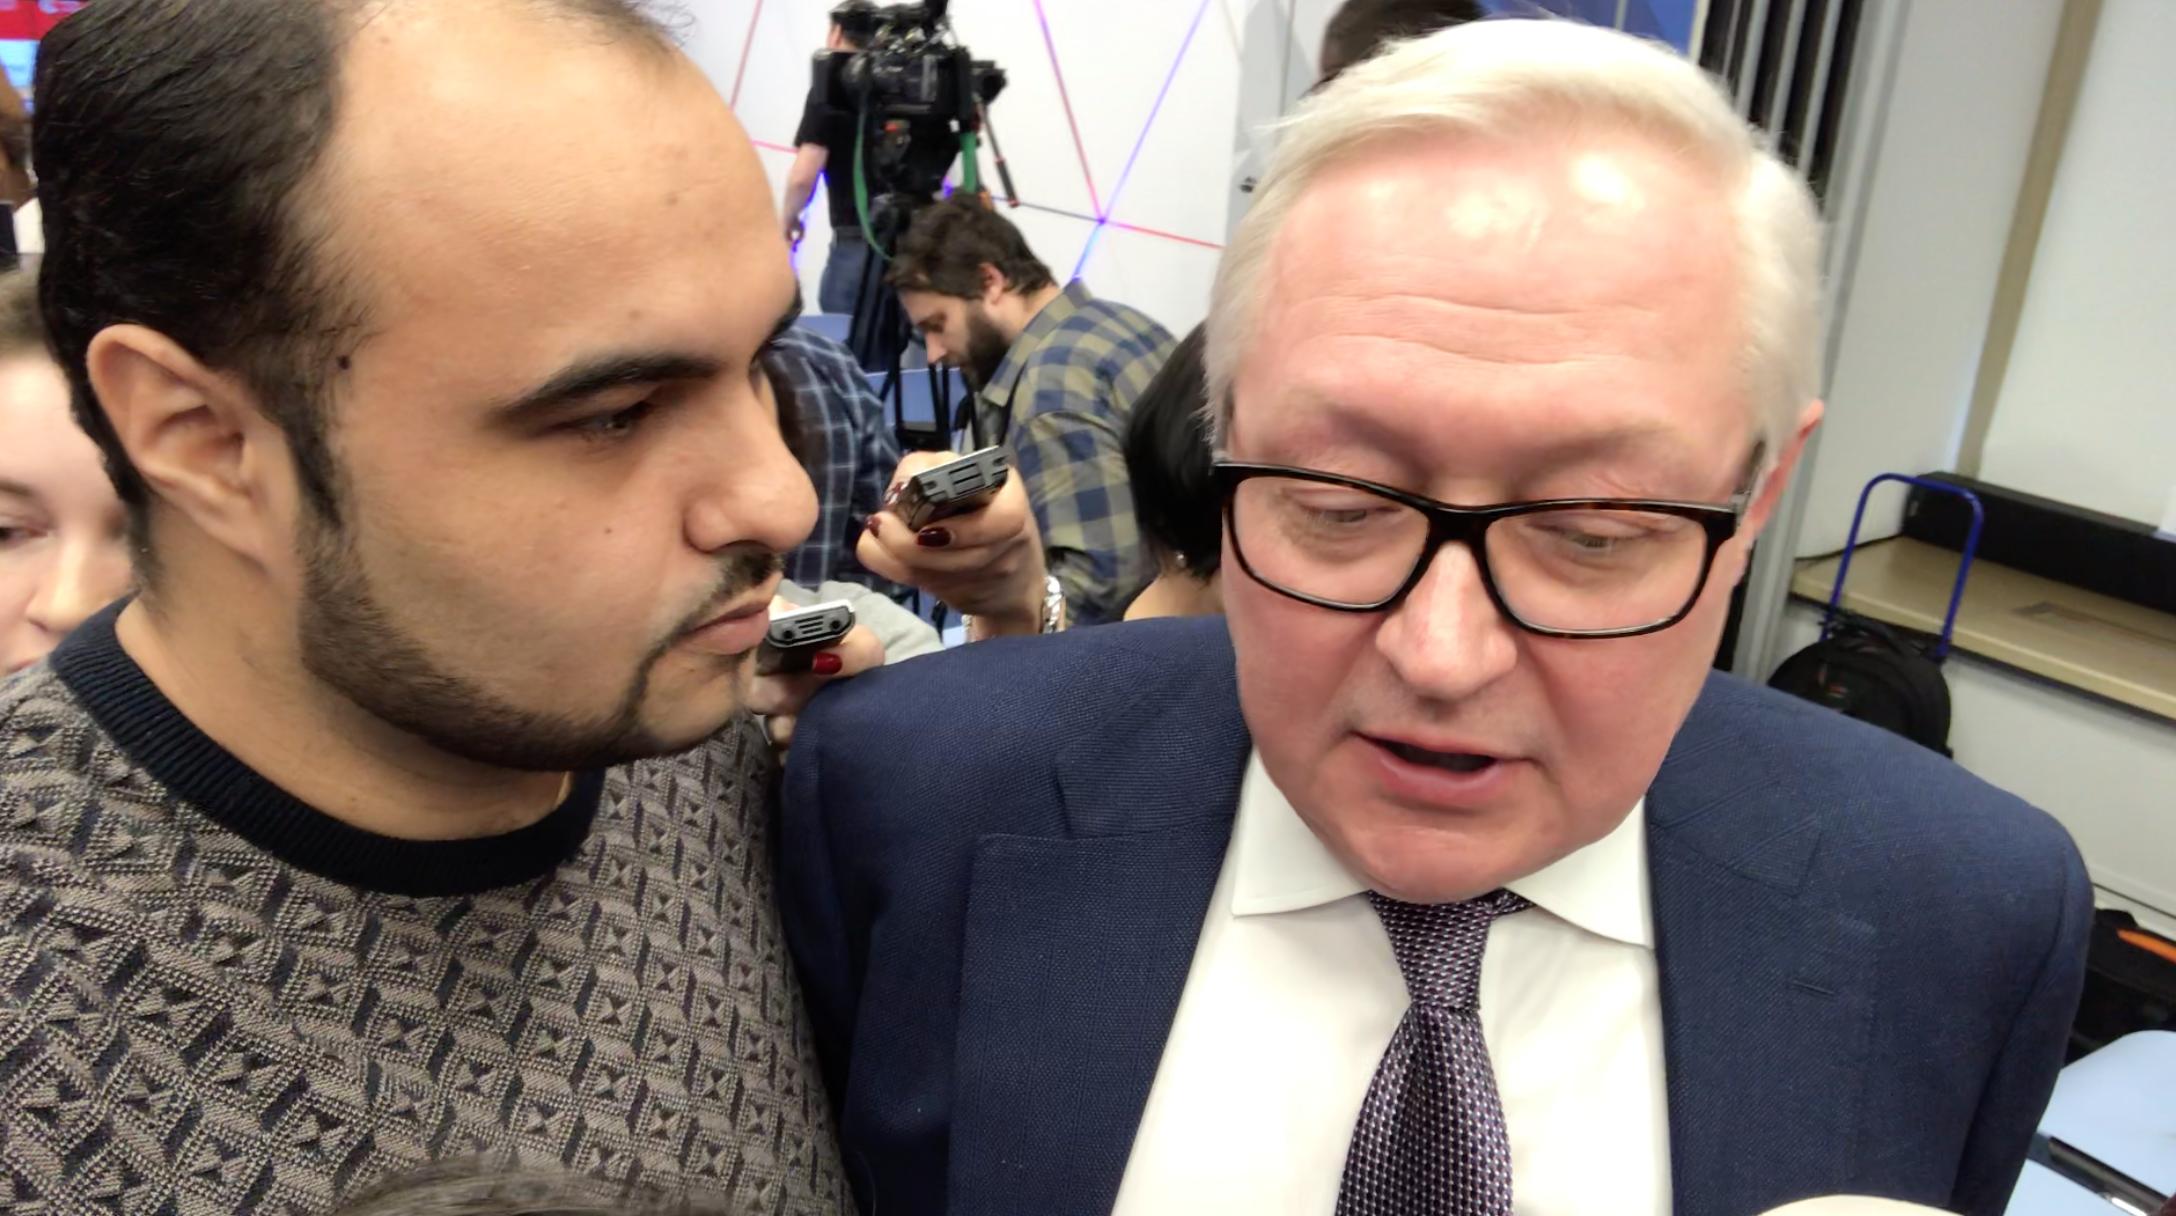 Интервью с заместителем главы МИД РФ Сергеем Рябковым | Хаял Муаззин | Иранский журналист продюсер |